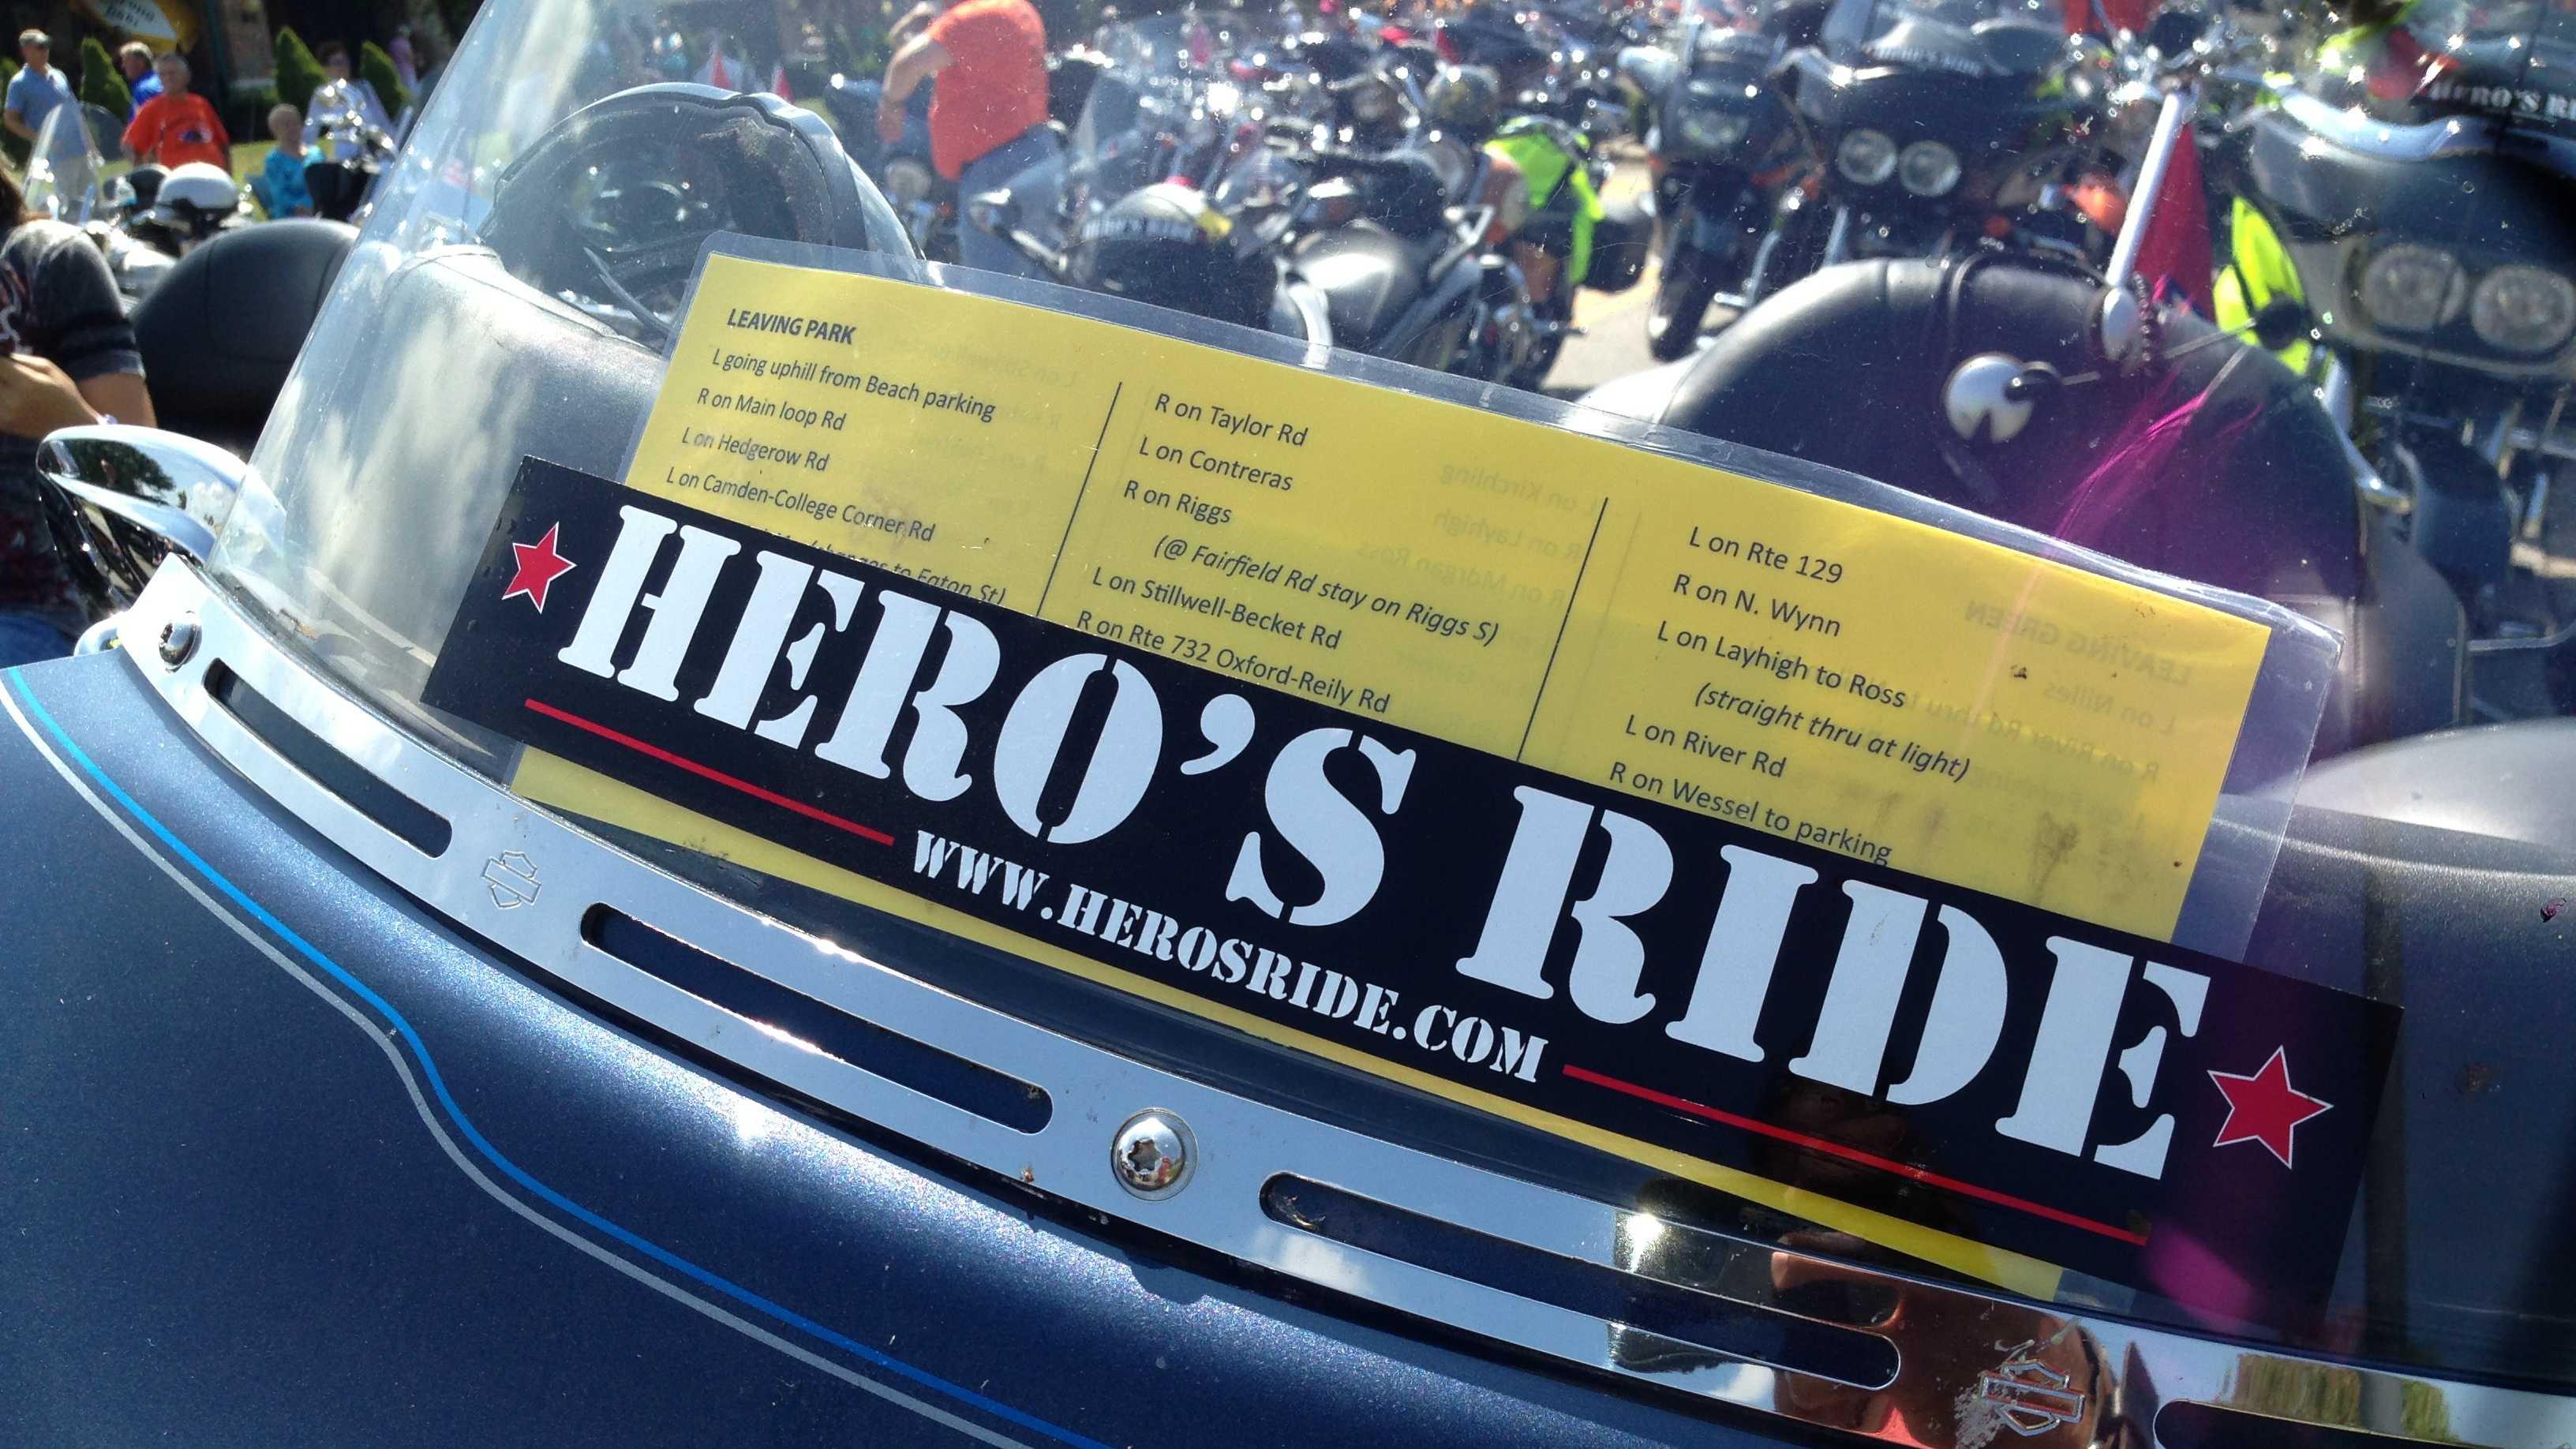 082413 hero ride (14).jpg